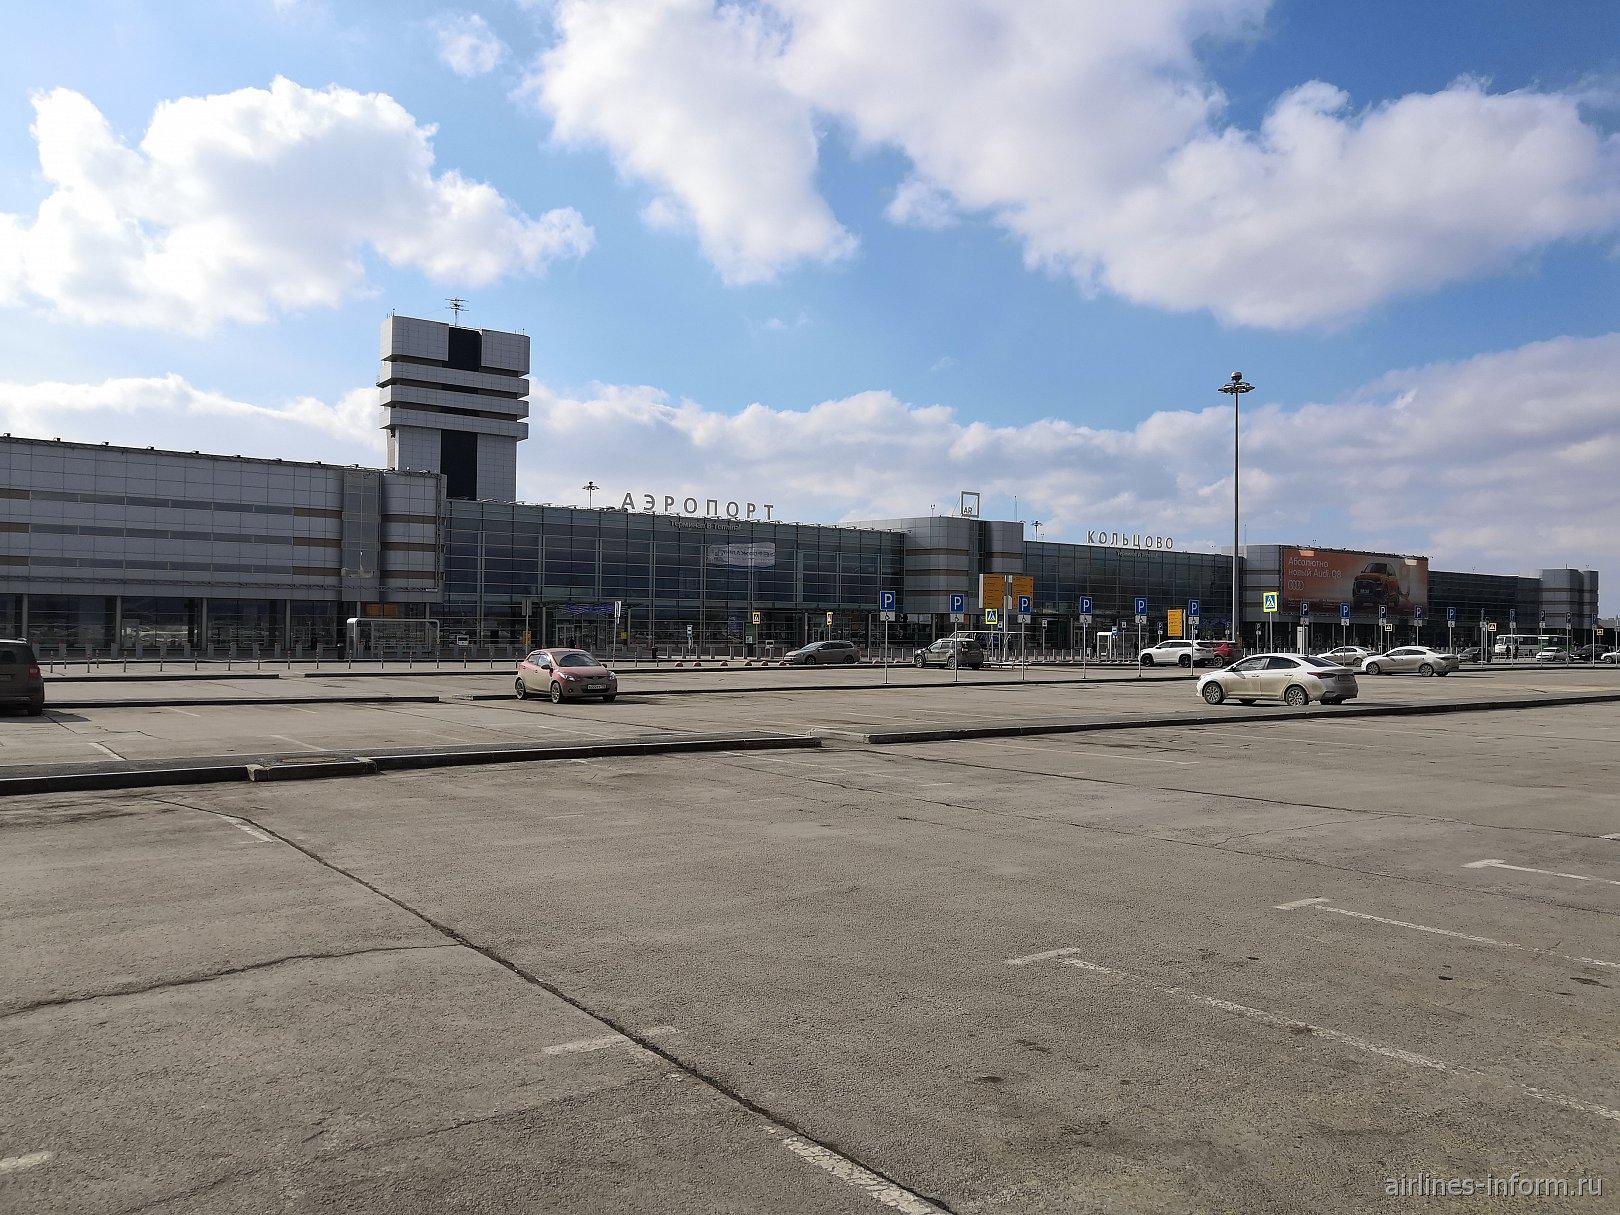 Привокзальная площадь аэропорта Екатеринбург Кольцово